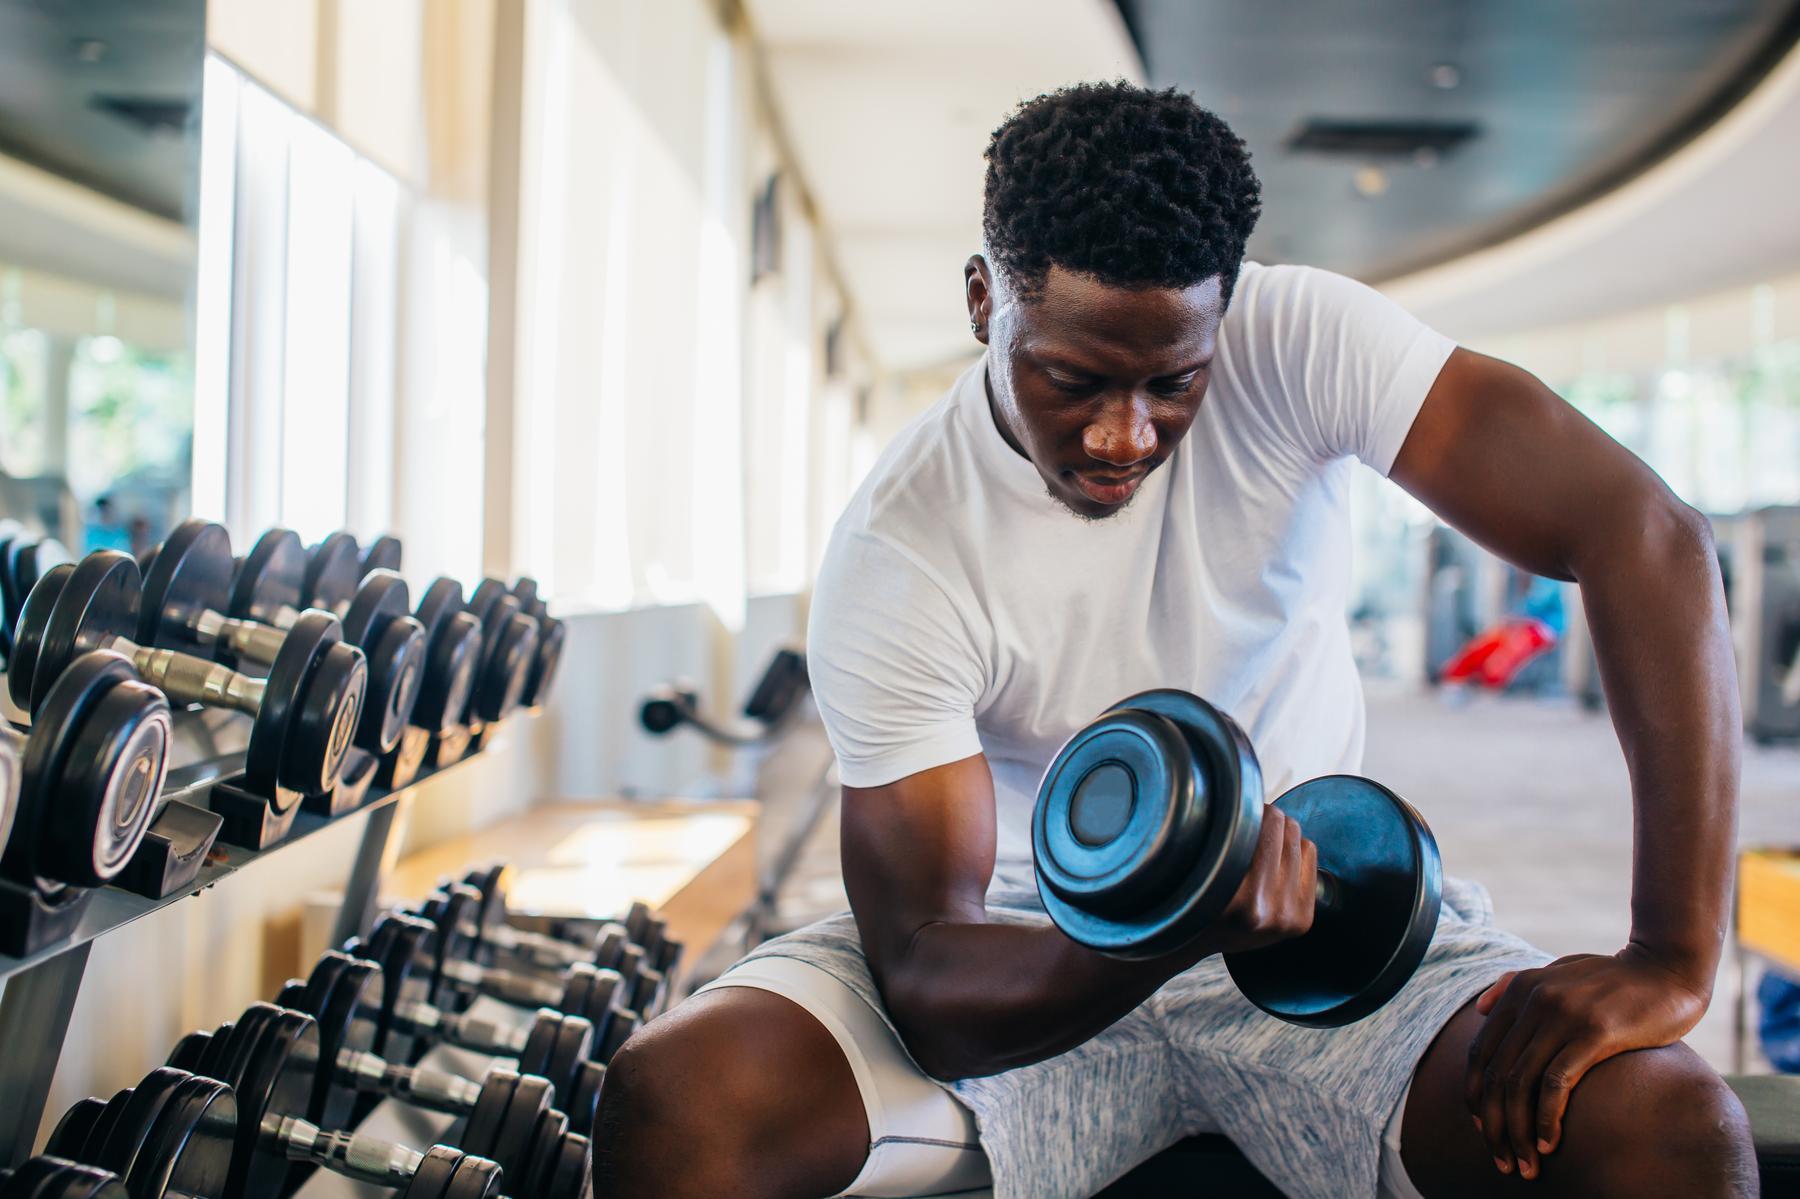 Oberkörper Kurzhantel-Workout | 8 Kurzhantel-Übungen, um alle Muskelgruppen des Oberkörpers zu trainieren